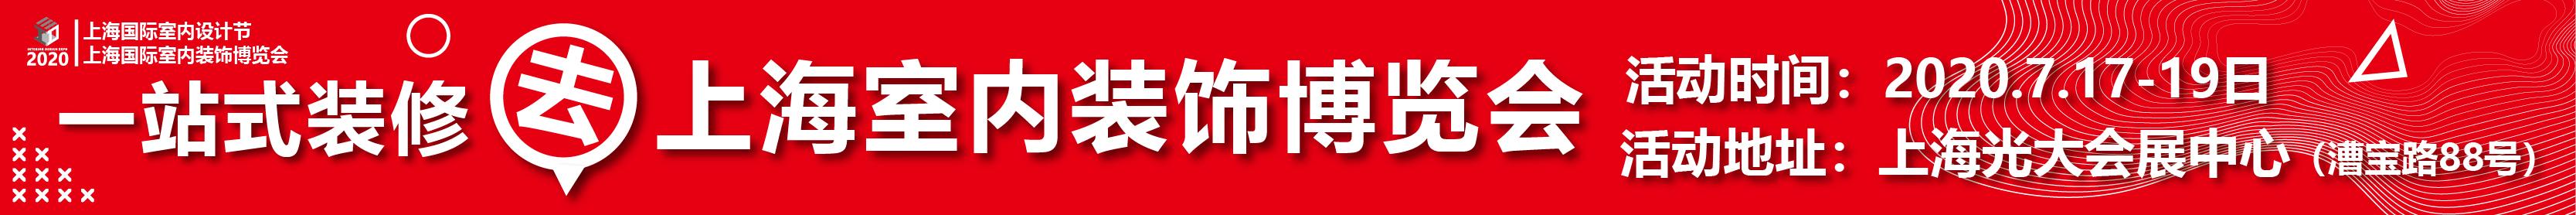 上海装修网_上海装修公司-当今装修网